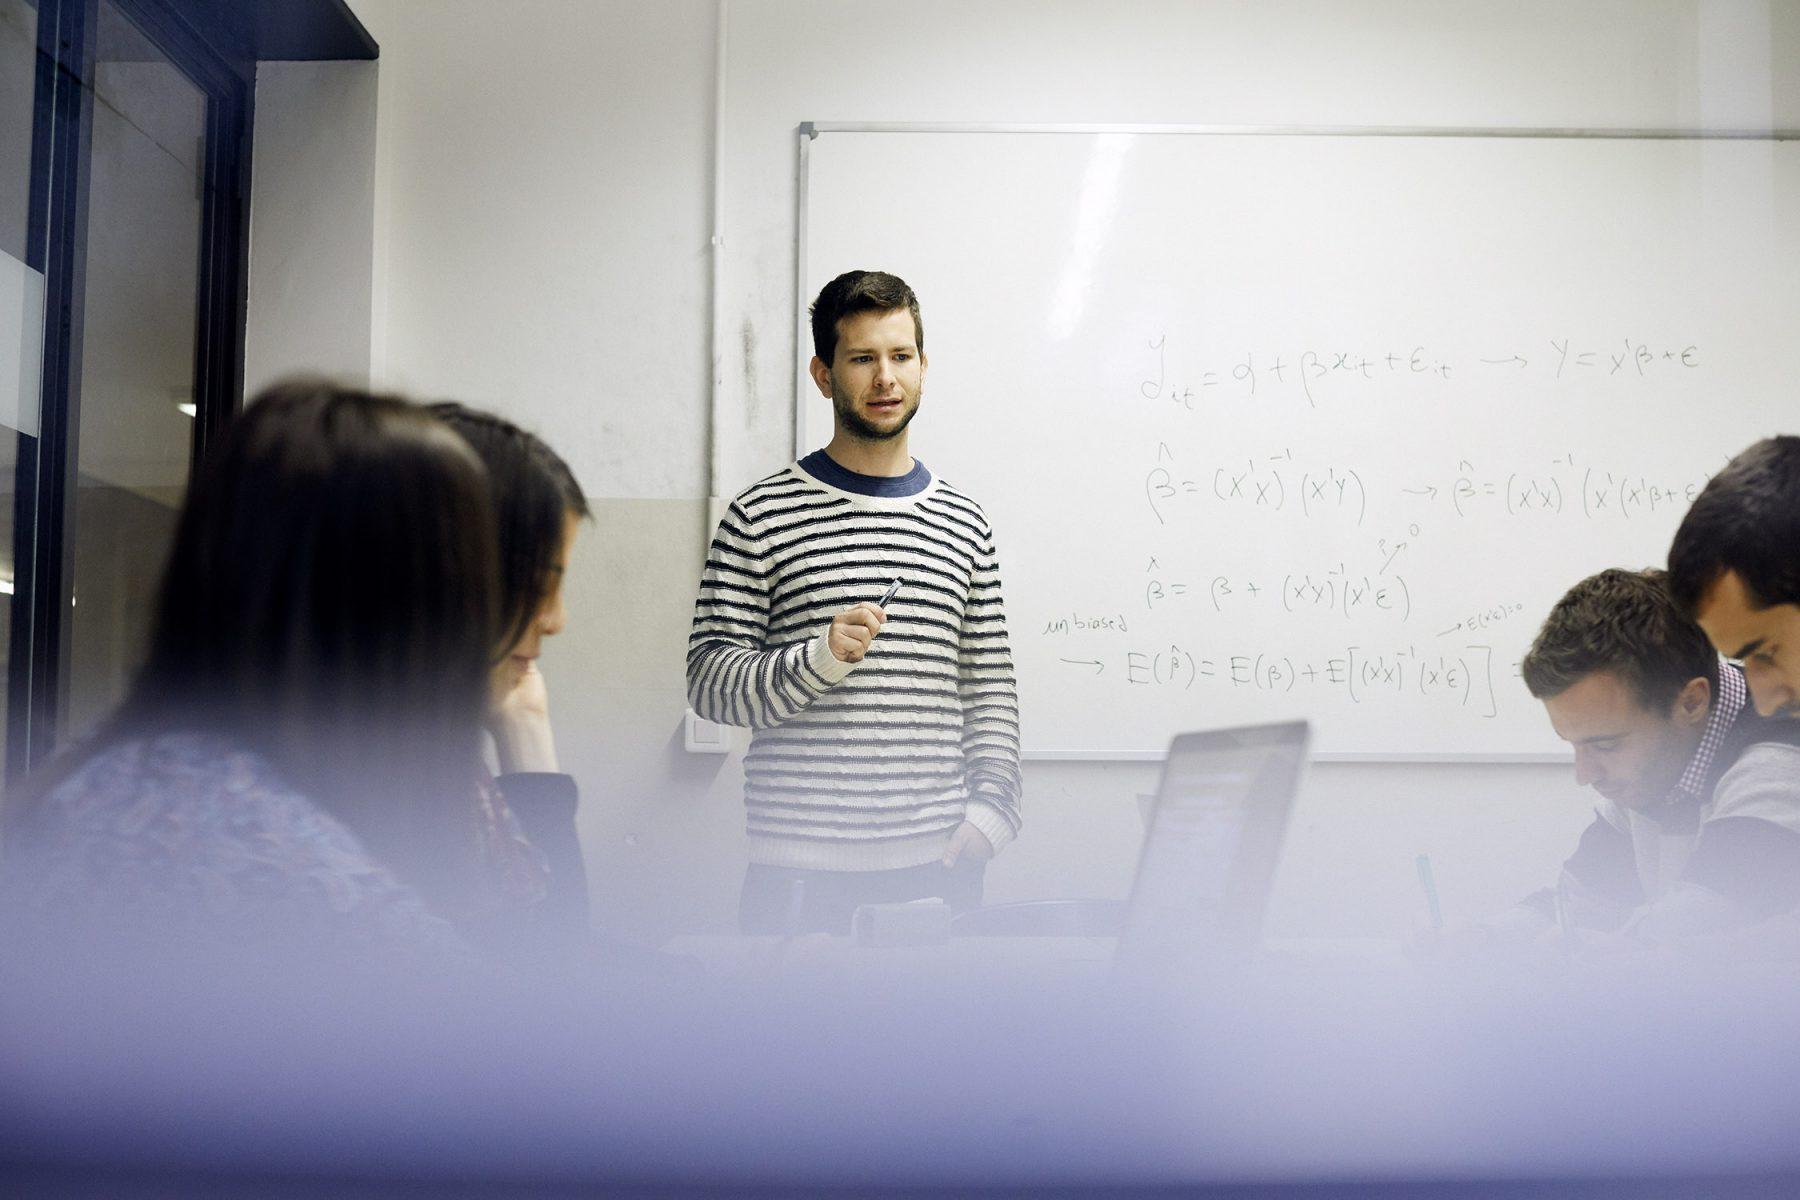 Graduate Programme